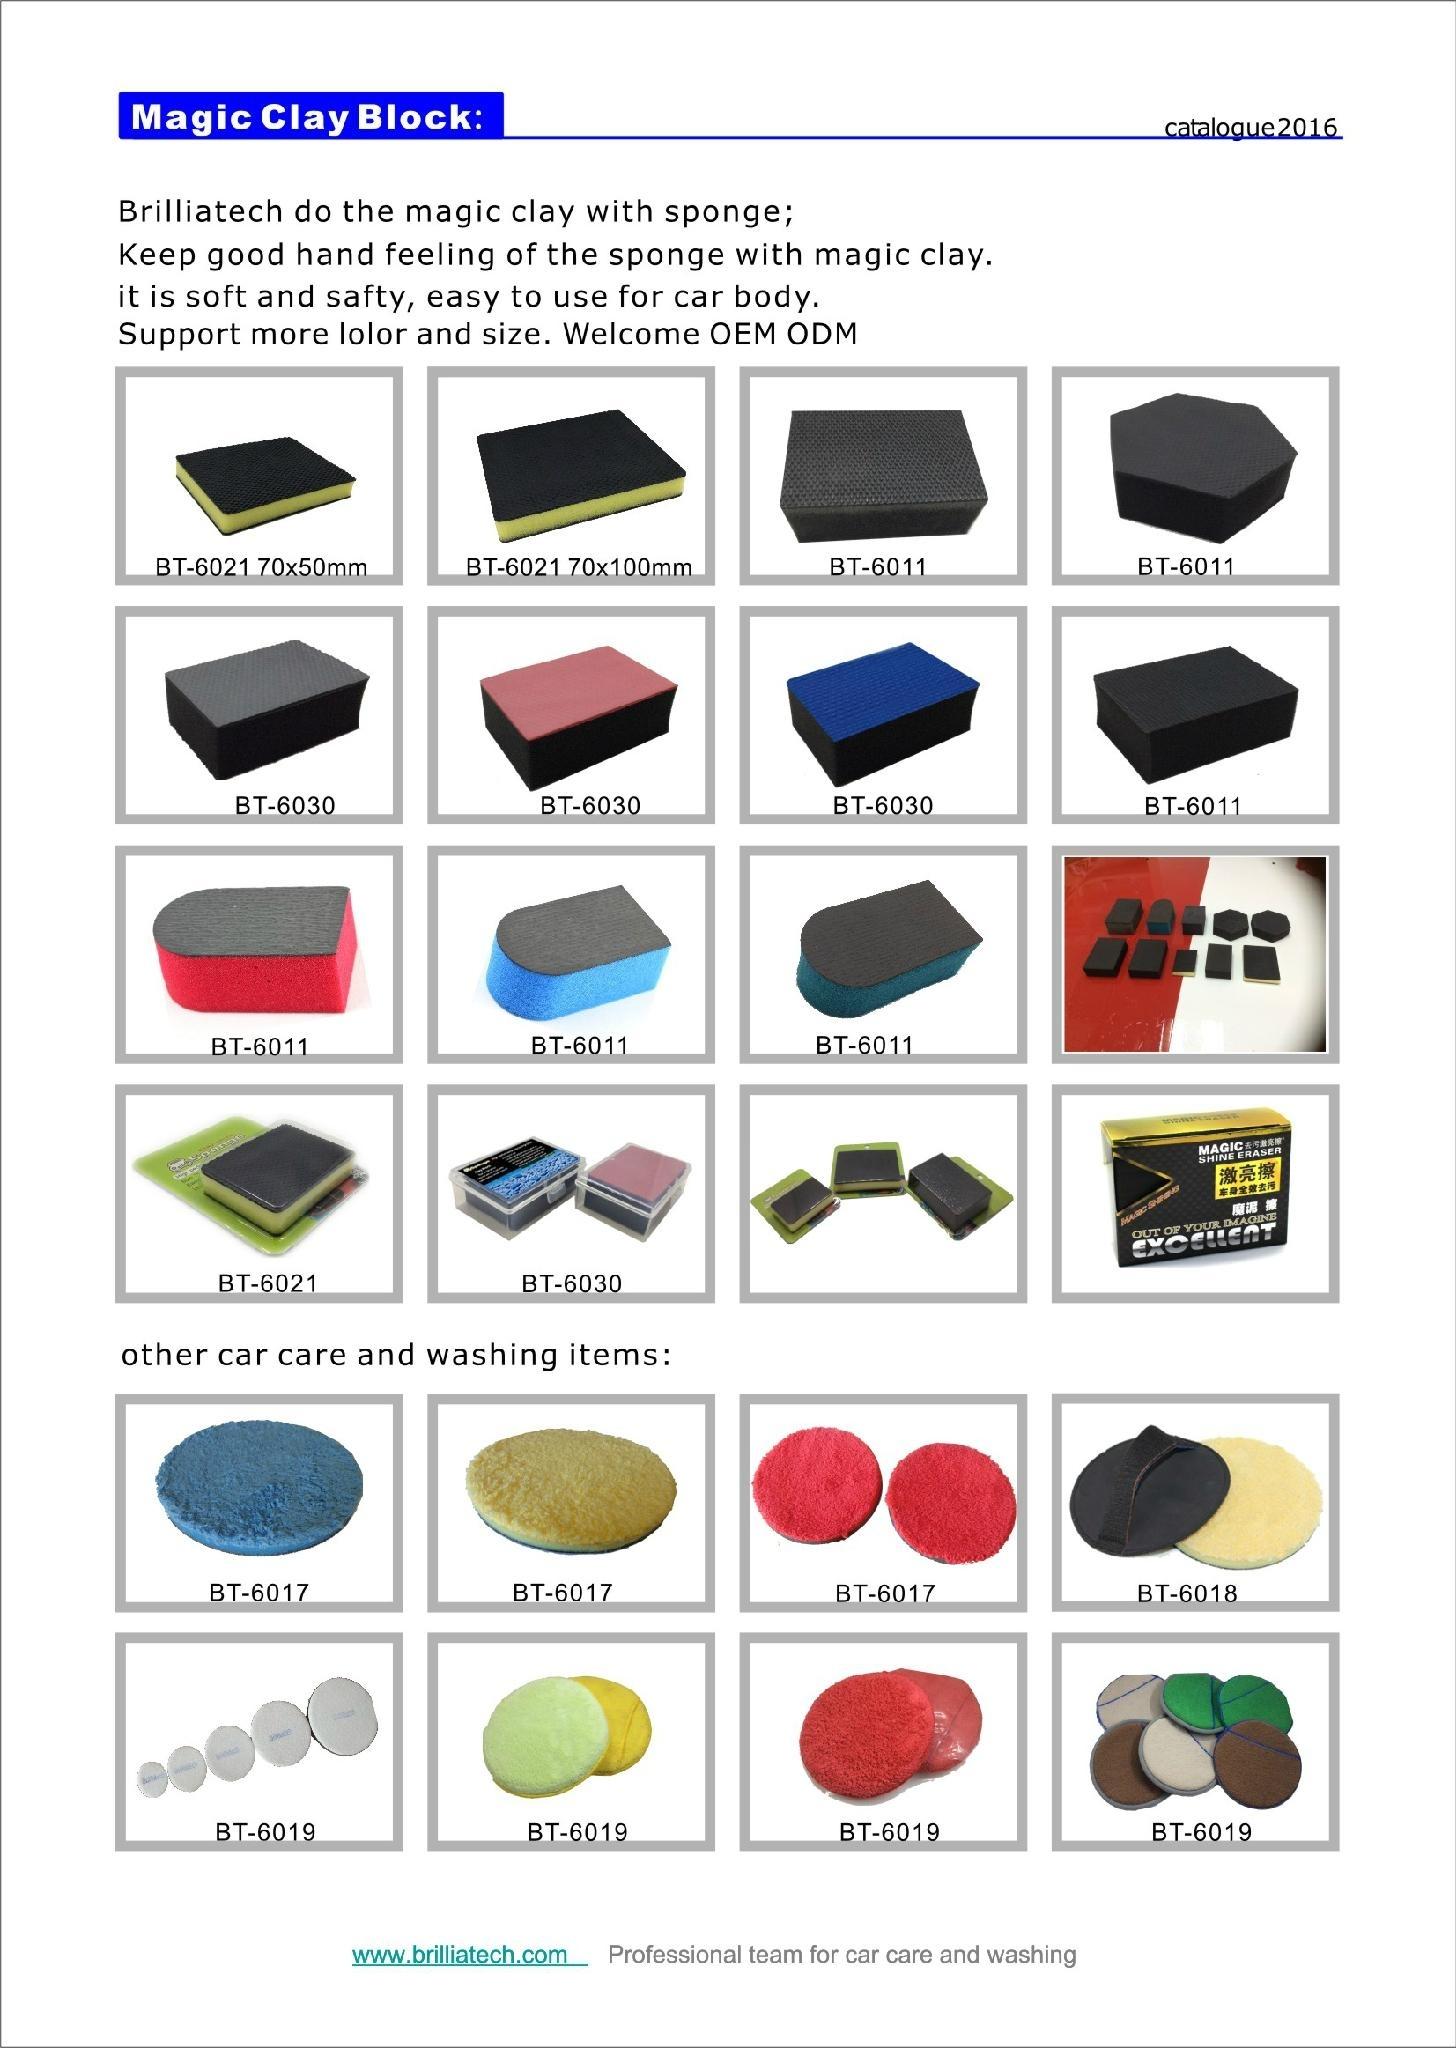 magic clay block kit